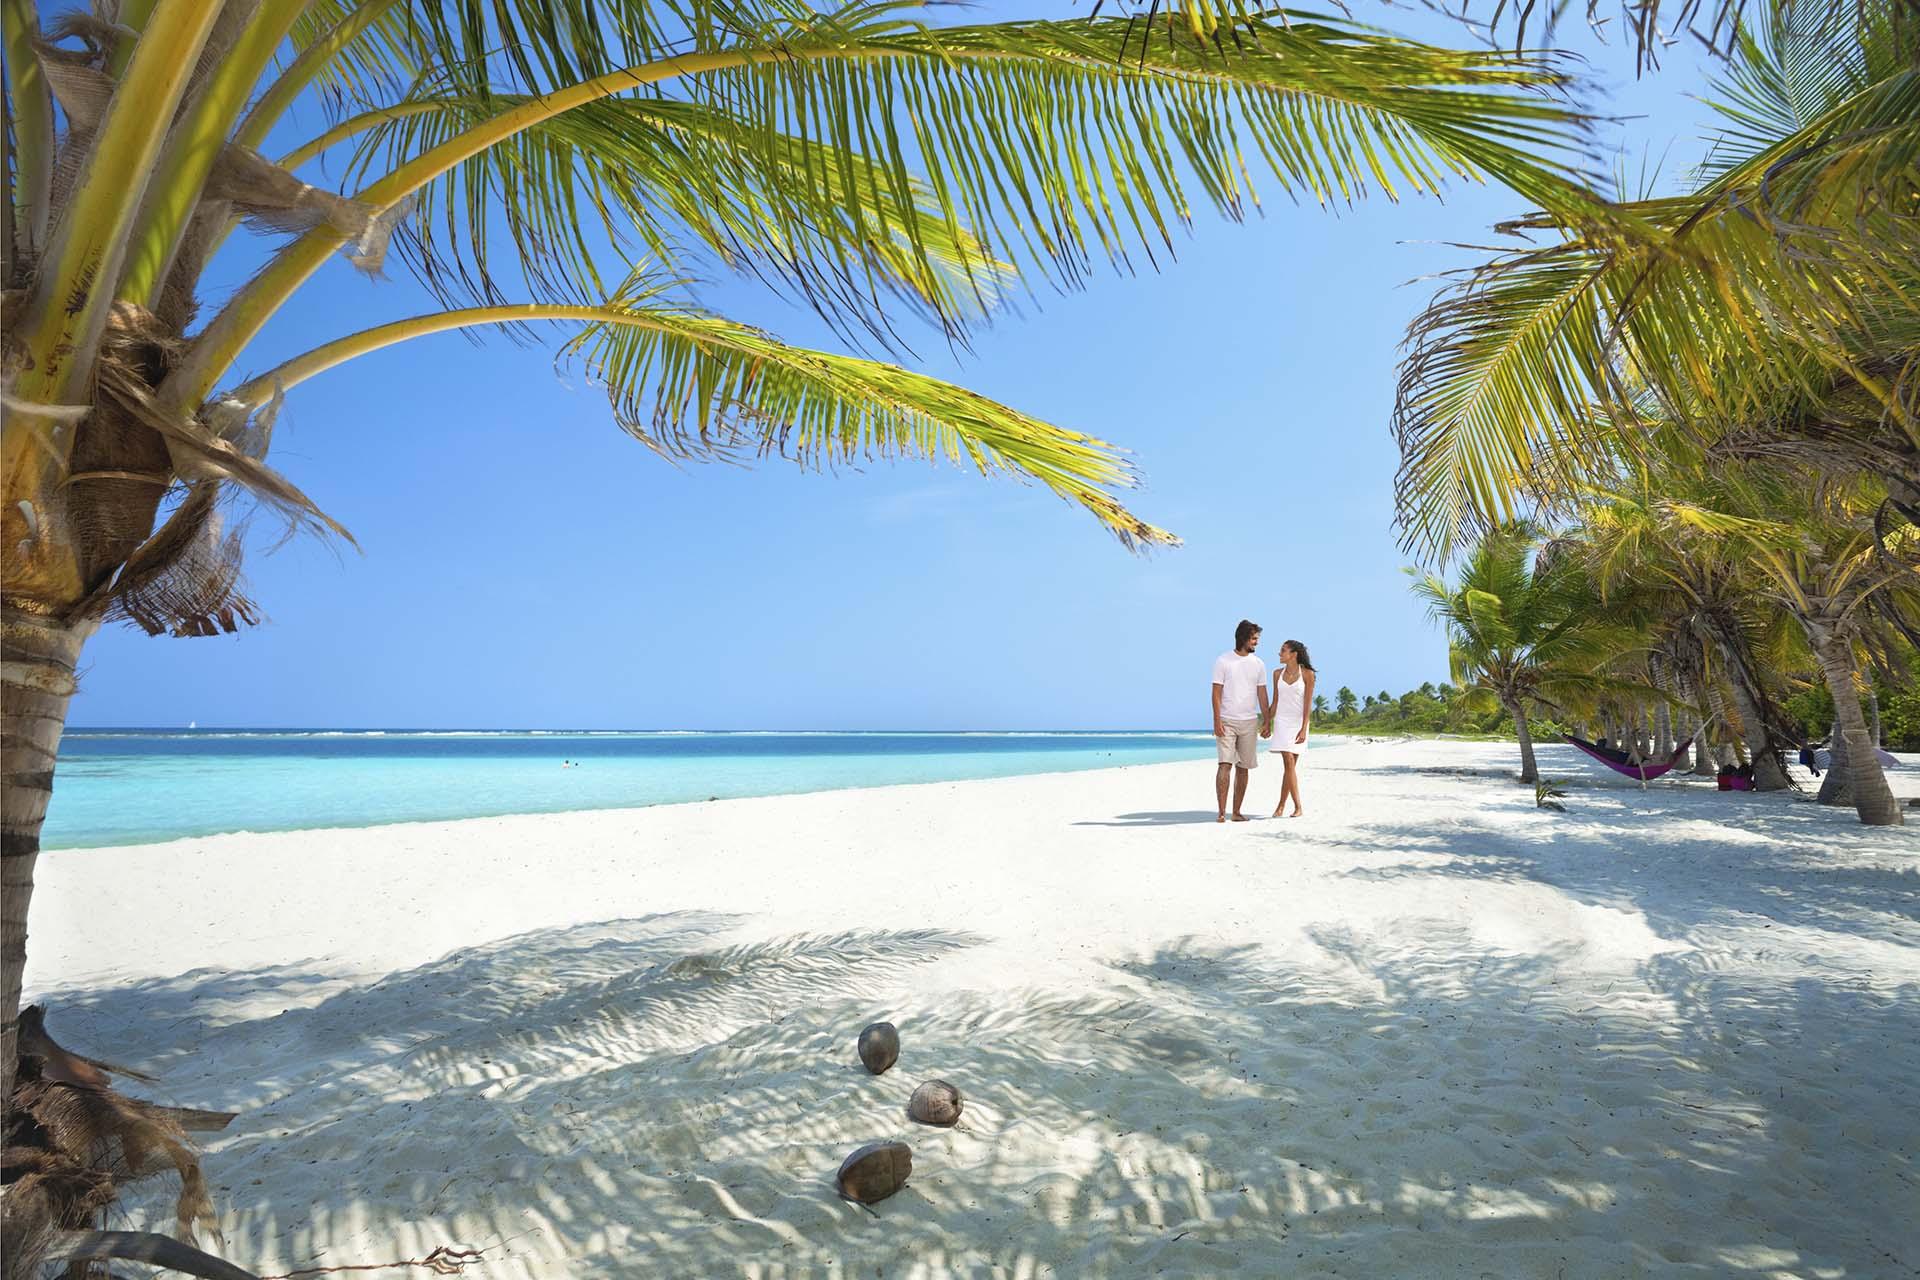 Una joven pareja caminando a lo largo de una solitaria playa de una isla tropical